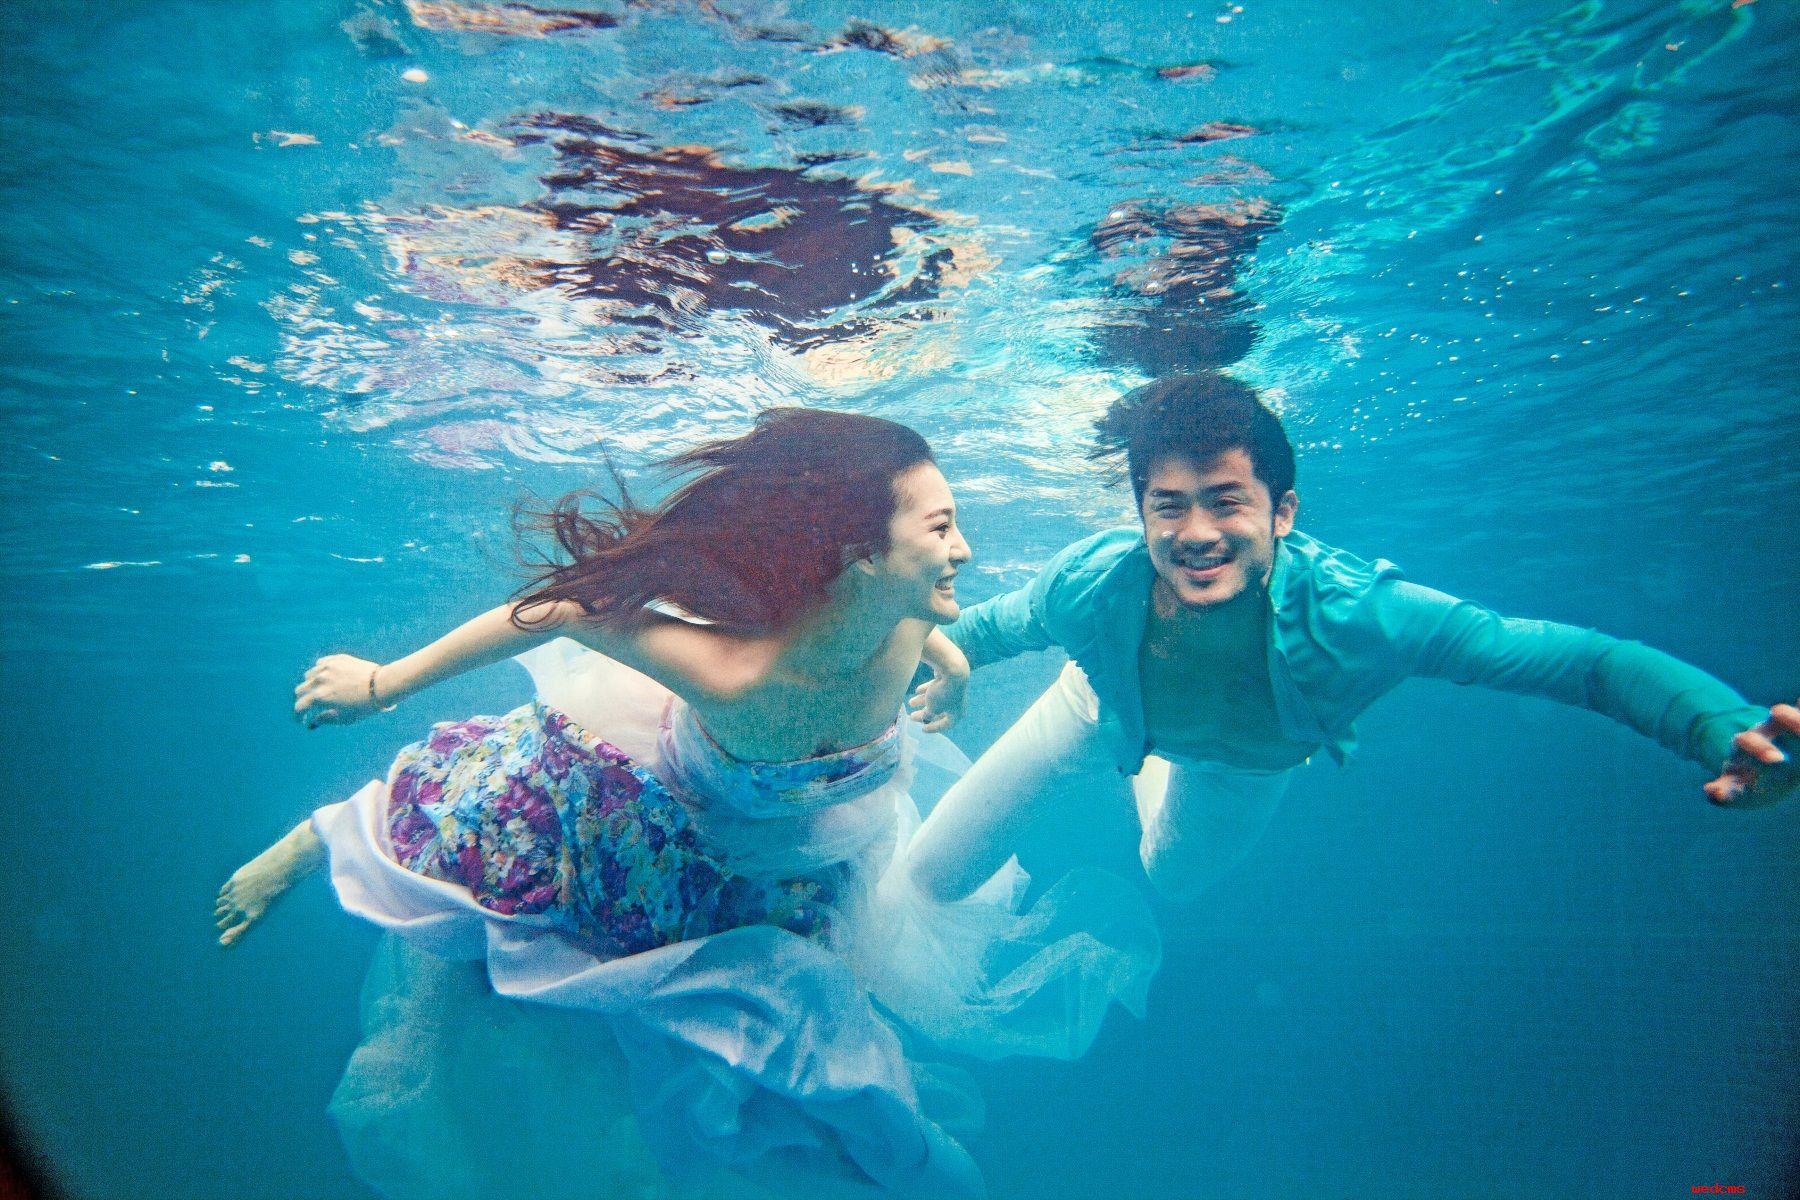 水下摄影 拍摄水下婚纱照注意事项图片